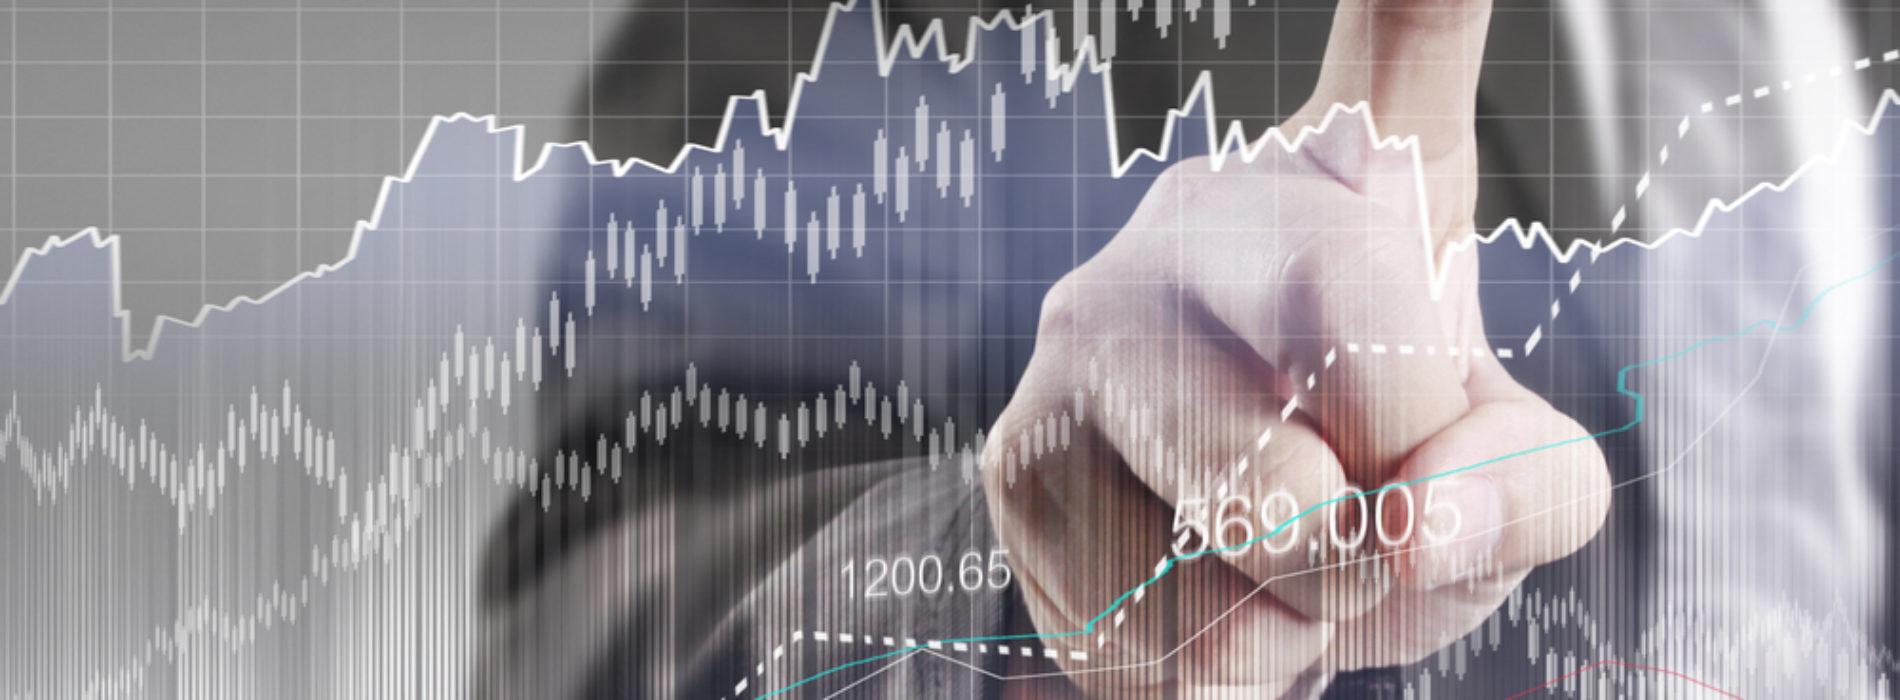 Jak wybrać towarzystwo funduszy inwestycyjnych?